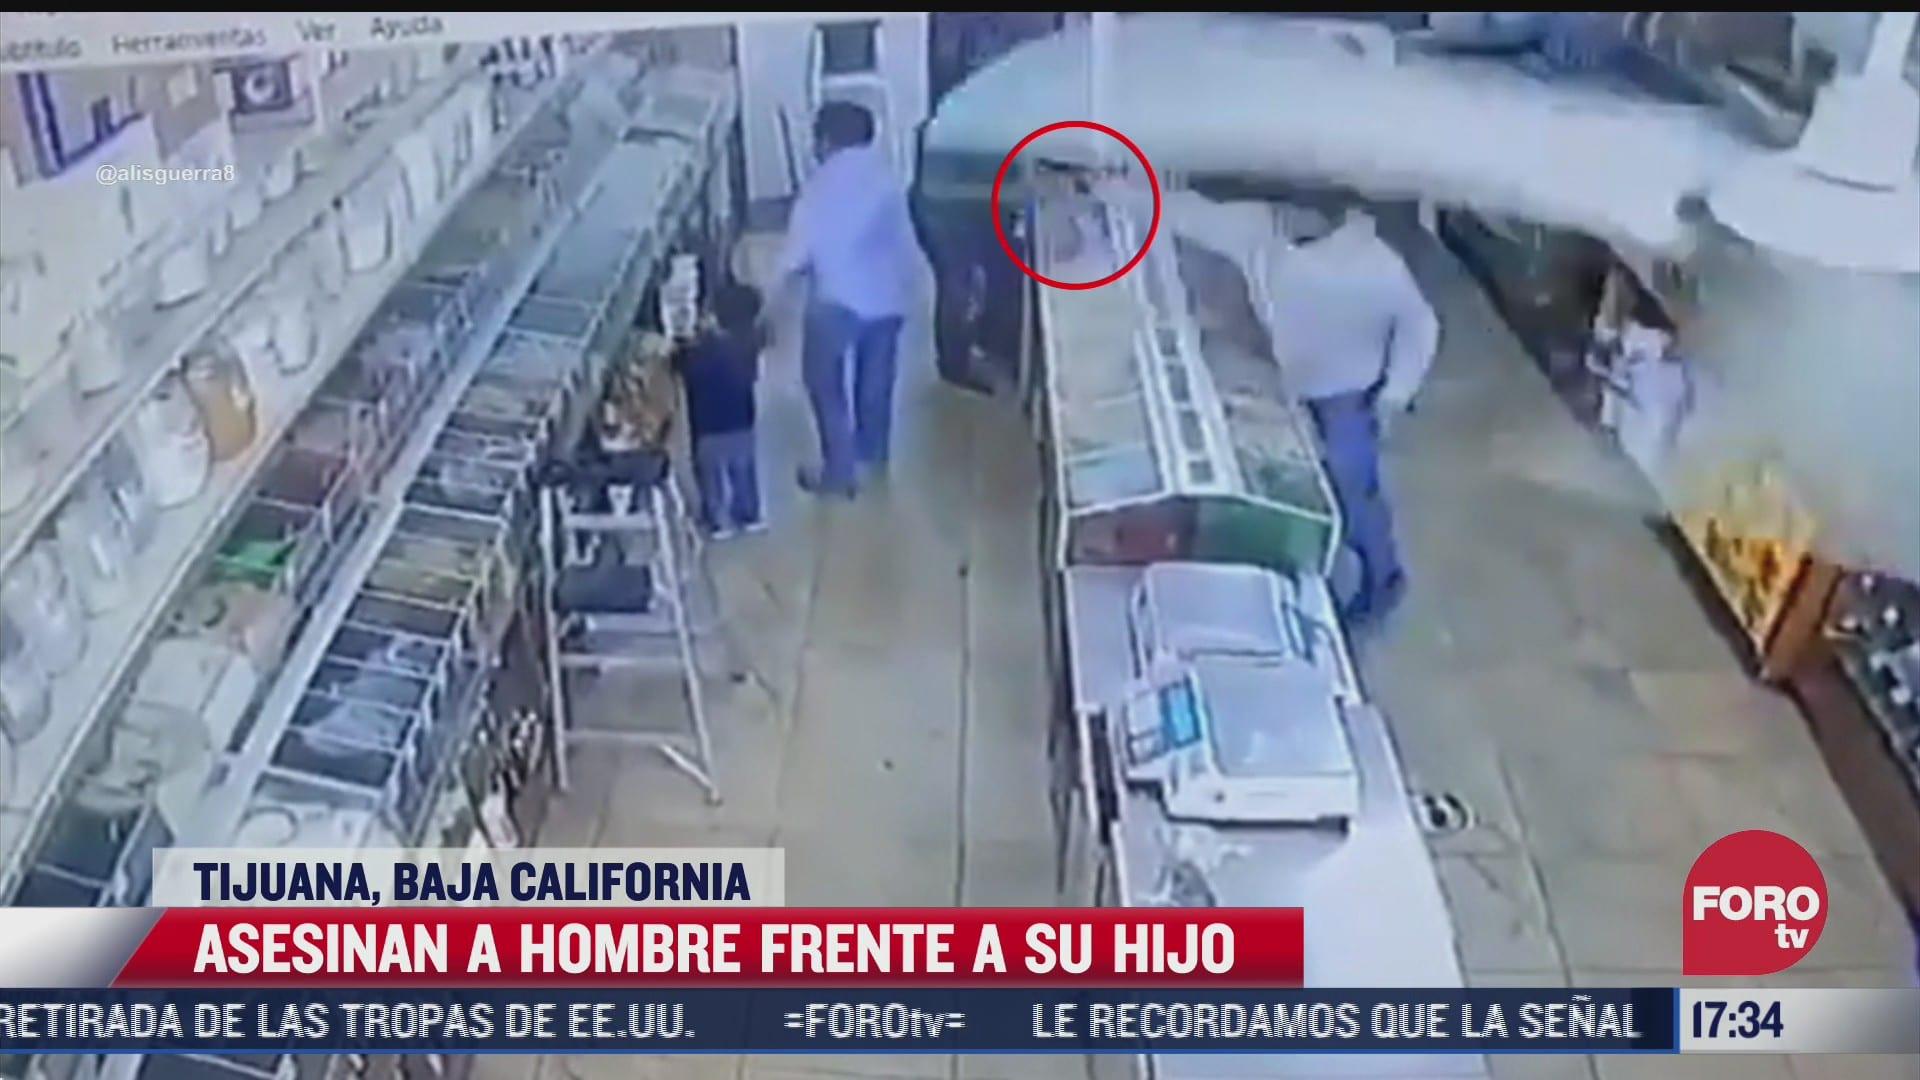 asesinan a hombre frente a su hijo en tijuana